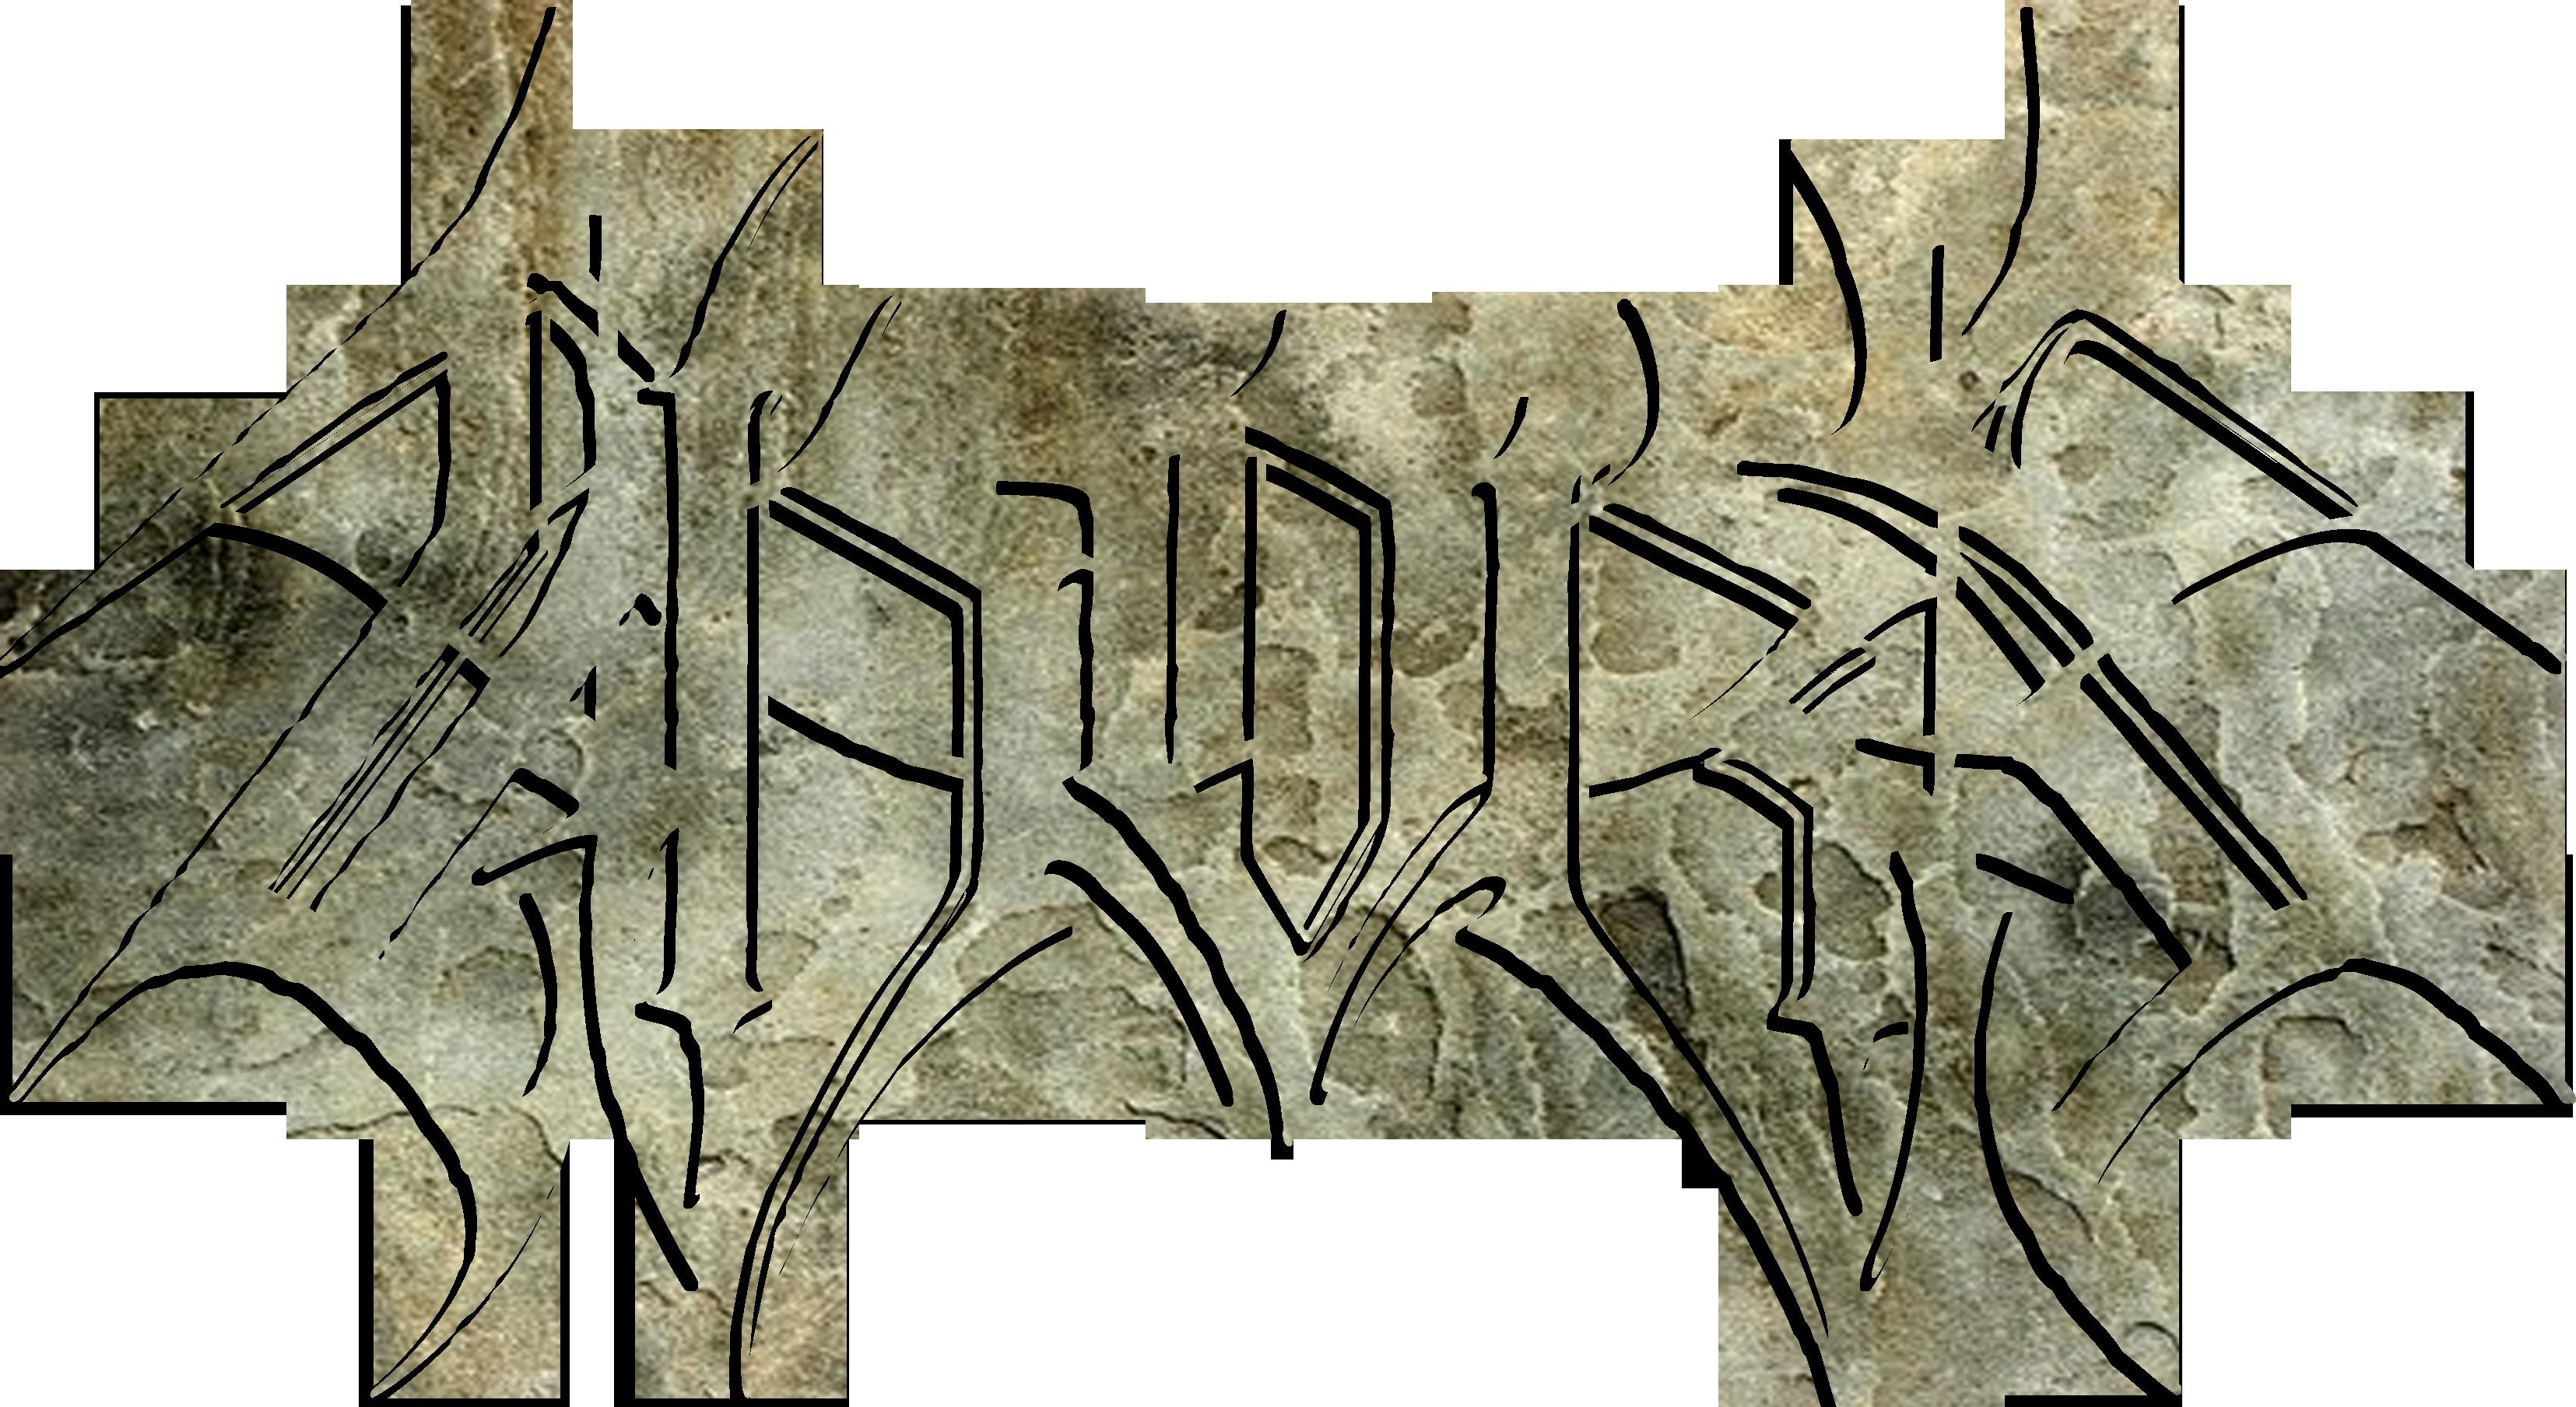 KHORS